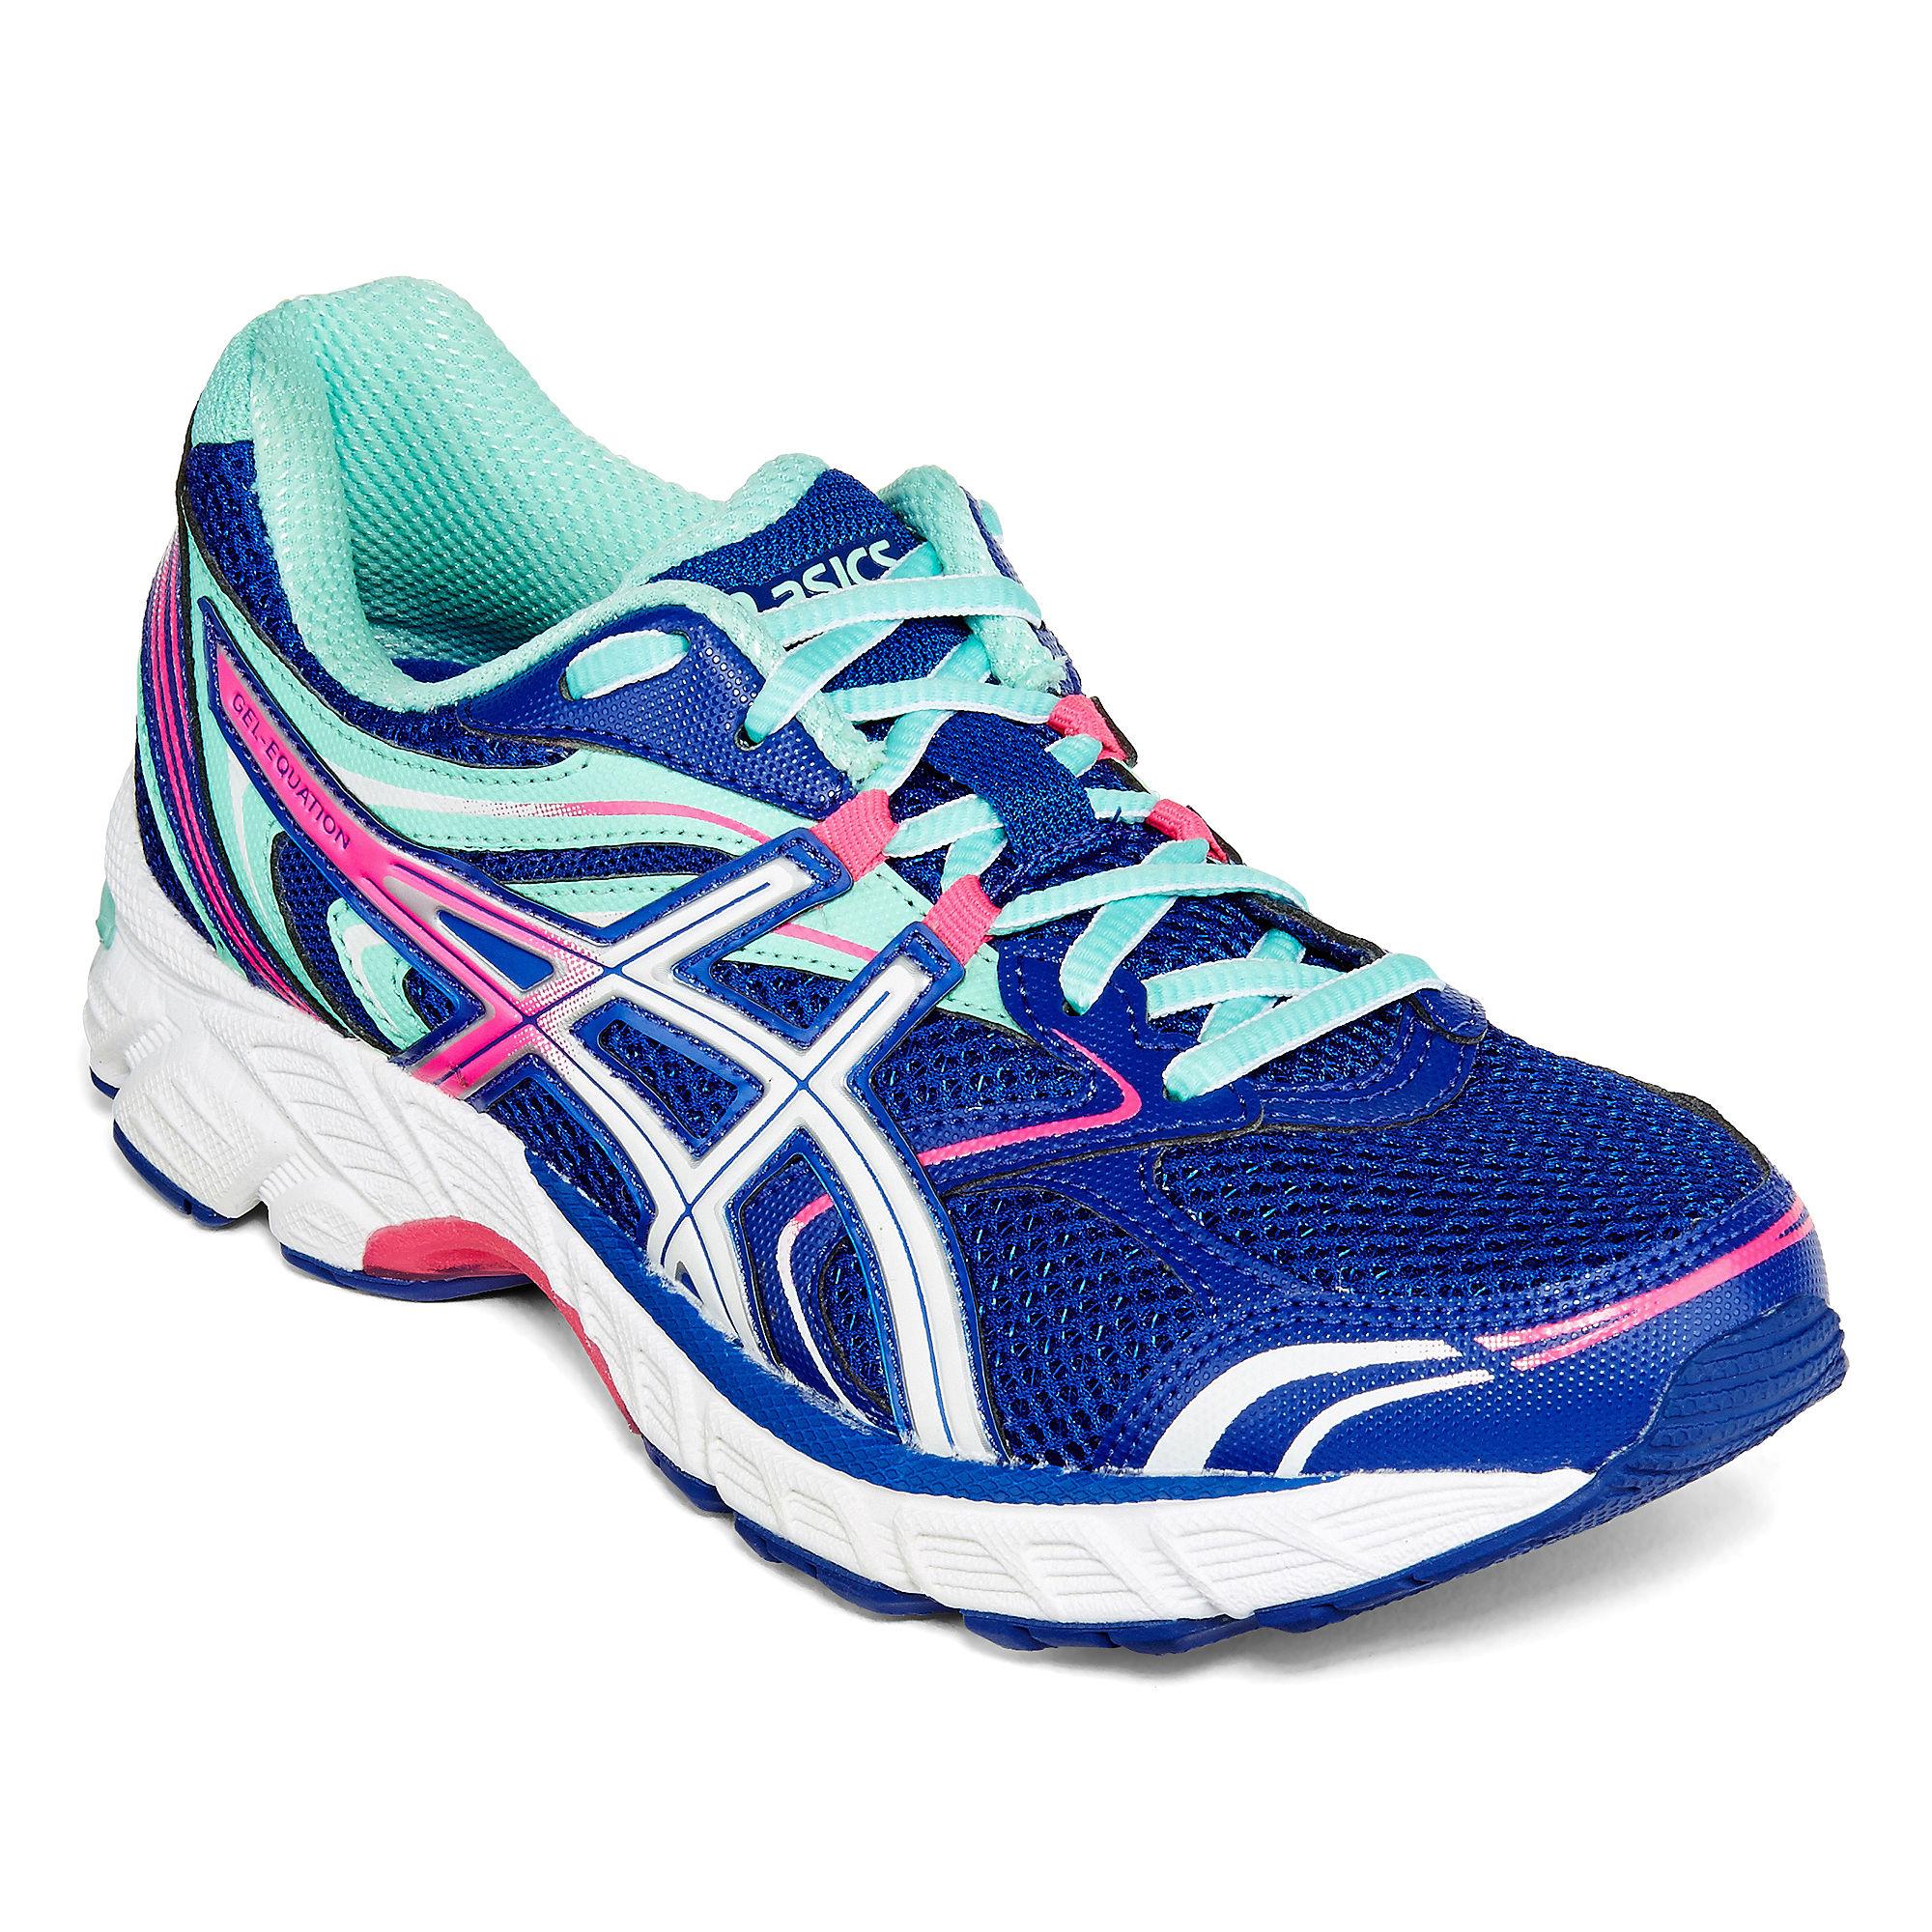 UPC 889436006172 femmes Chaussures de sport pour pour Equation femmes ASICS GEL Equation 8 14f8998 - shorttermhealthinsurance.website